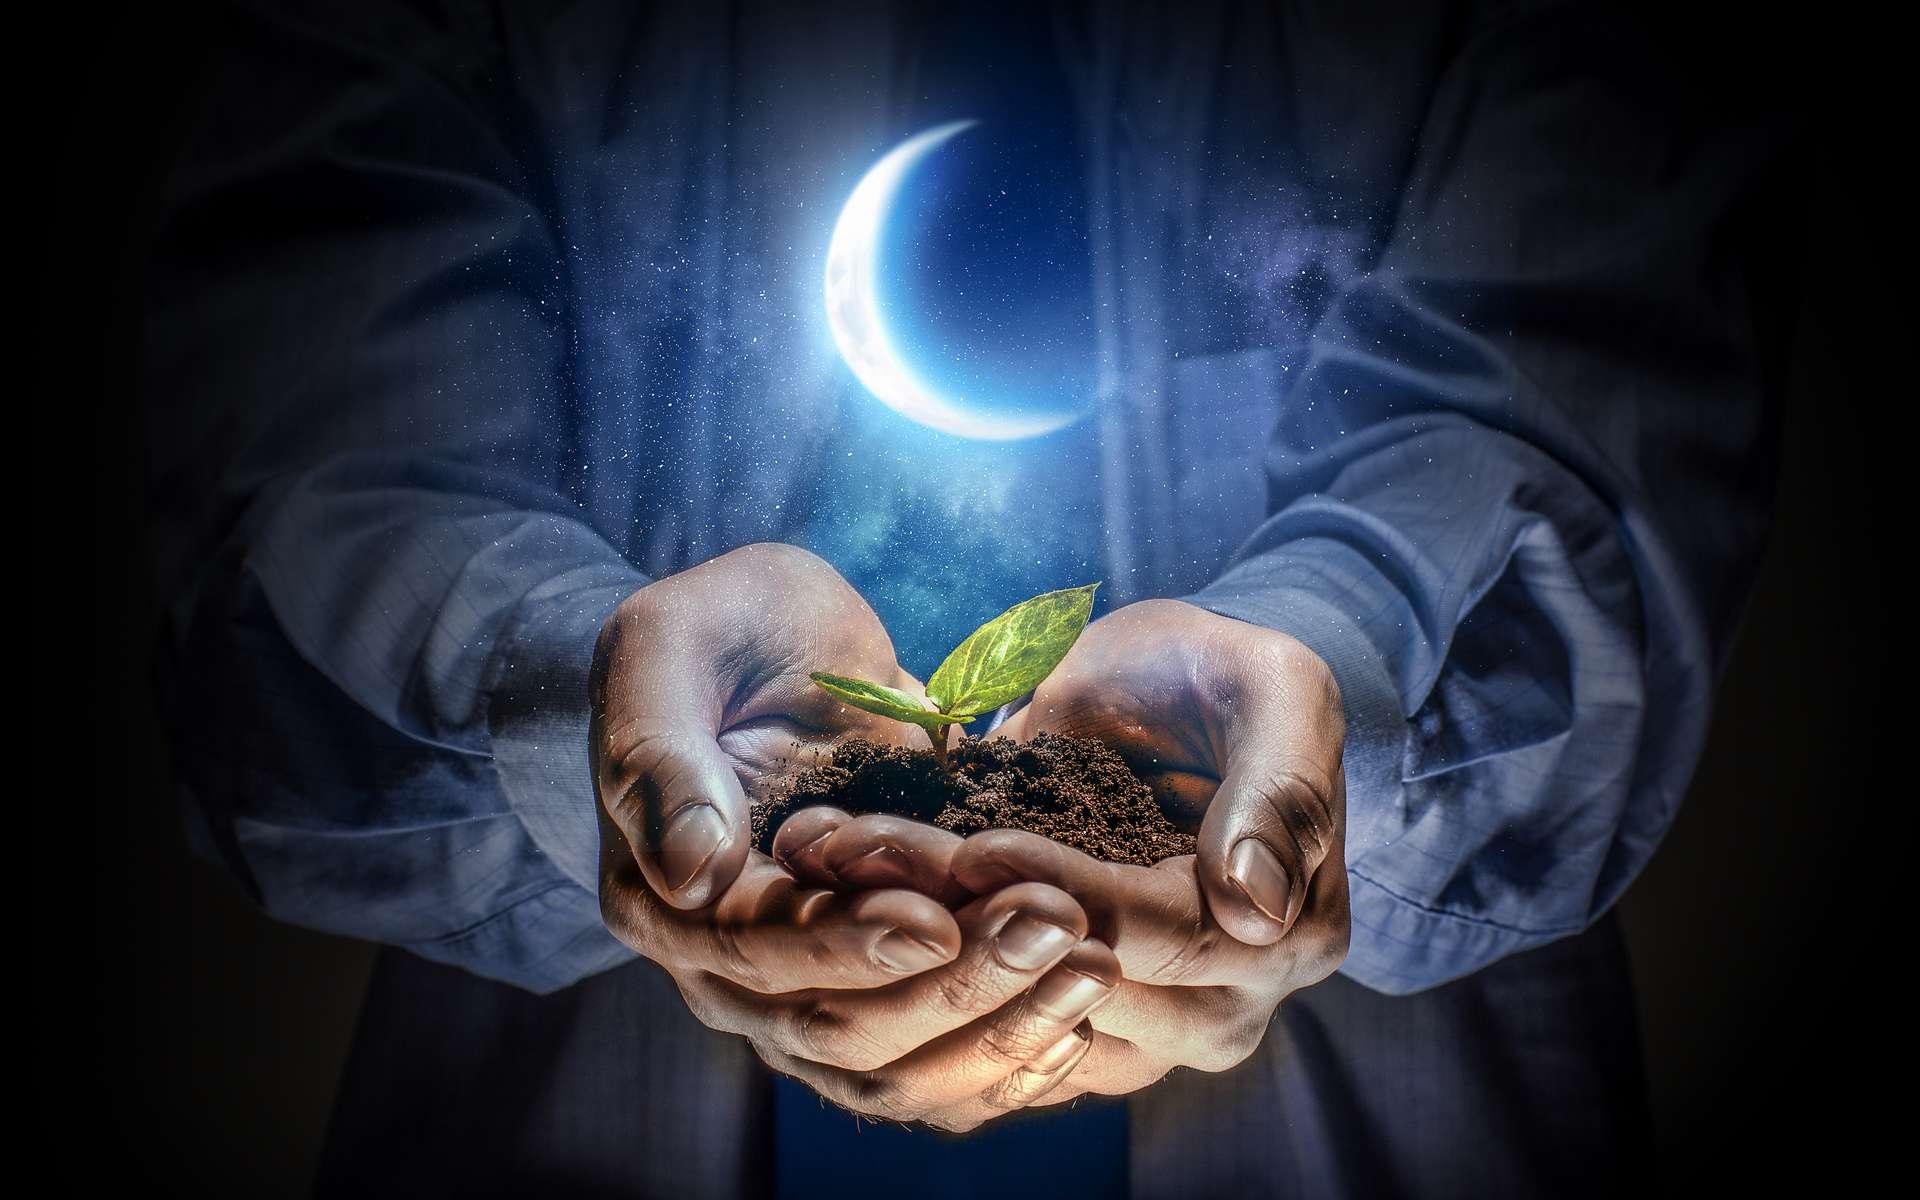 À la phase décroissante de la Lune, ou dernier quartier, semez les légumes-racines pour tenter d'optimiser vos récoltes. © Sergey Nivens, Adobe Stock